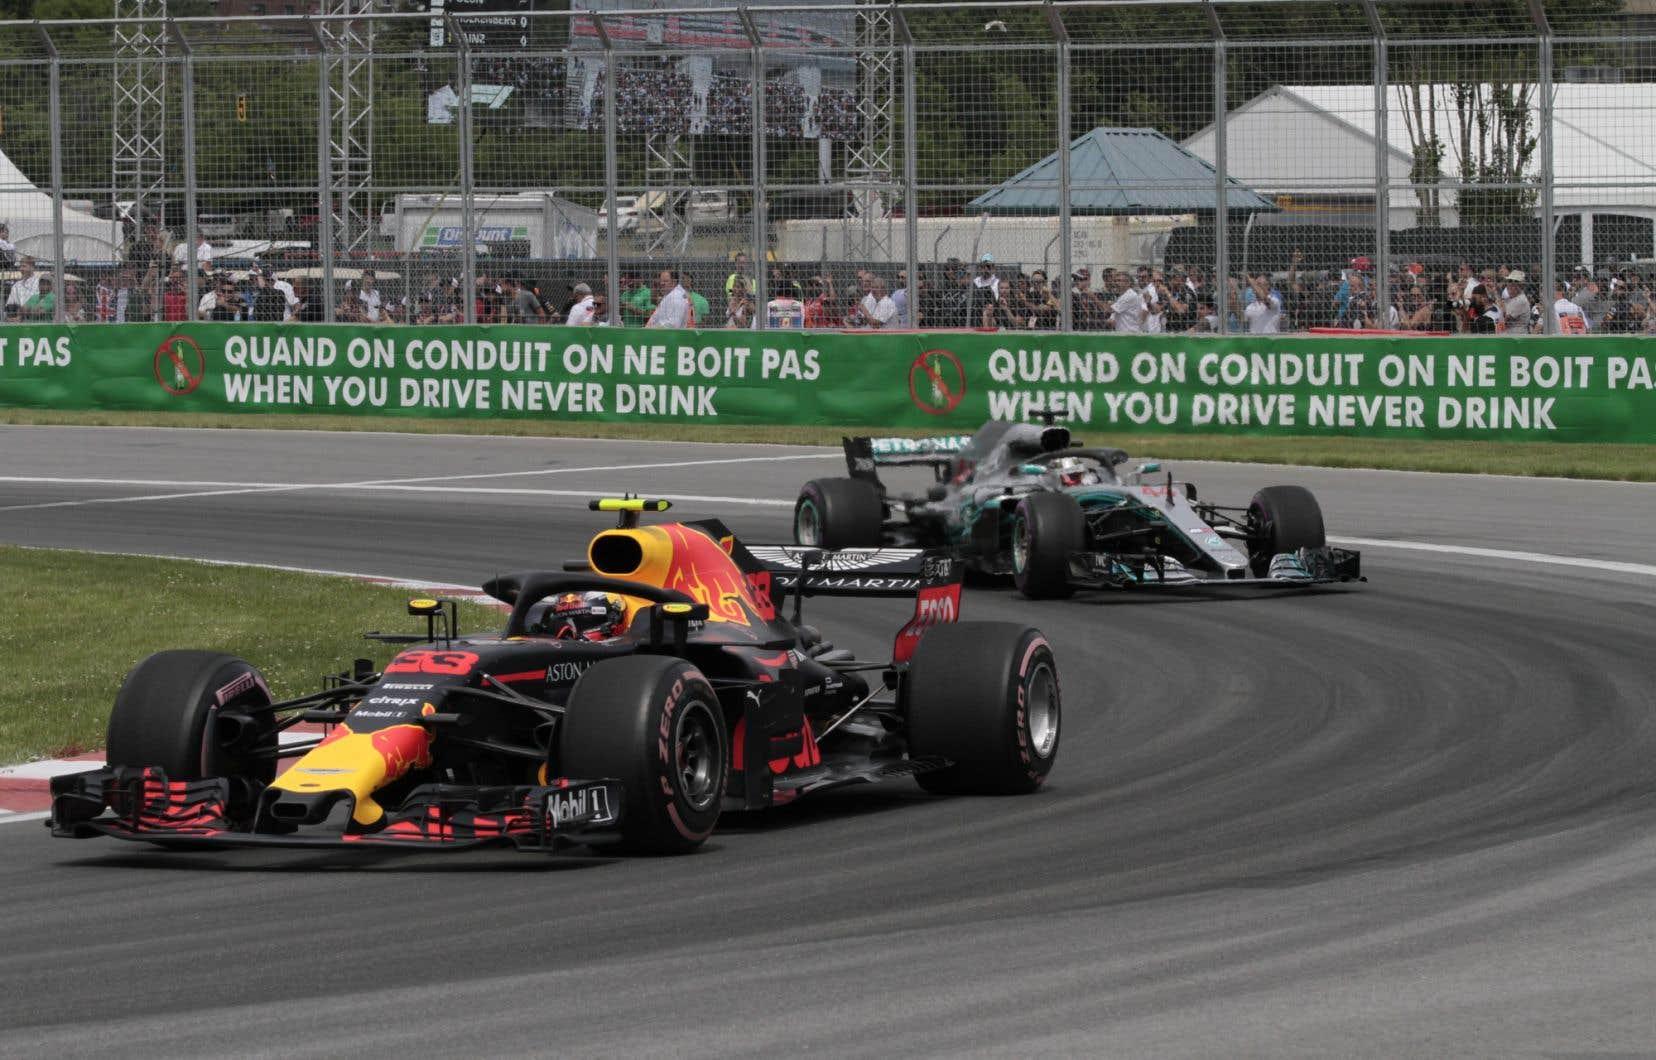 Le sujet a été longuement débattu en conférence de presse et sur les réseaux sociaux: comment rendre la Formule 1 moins ennuyeuse?